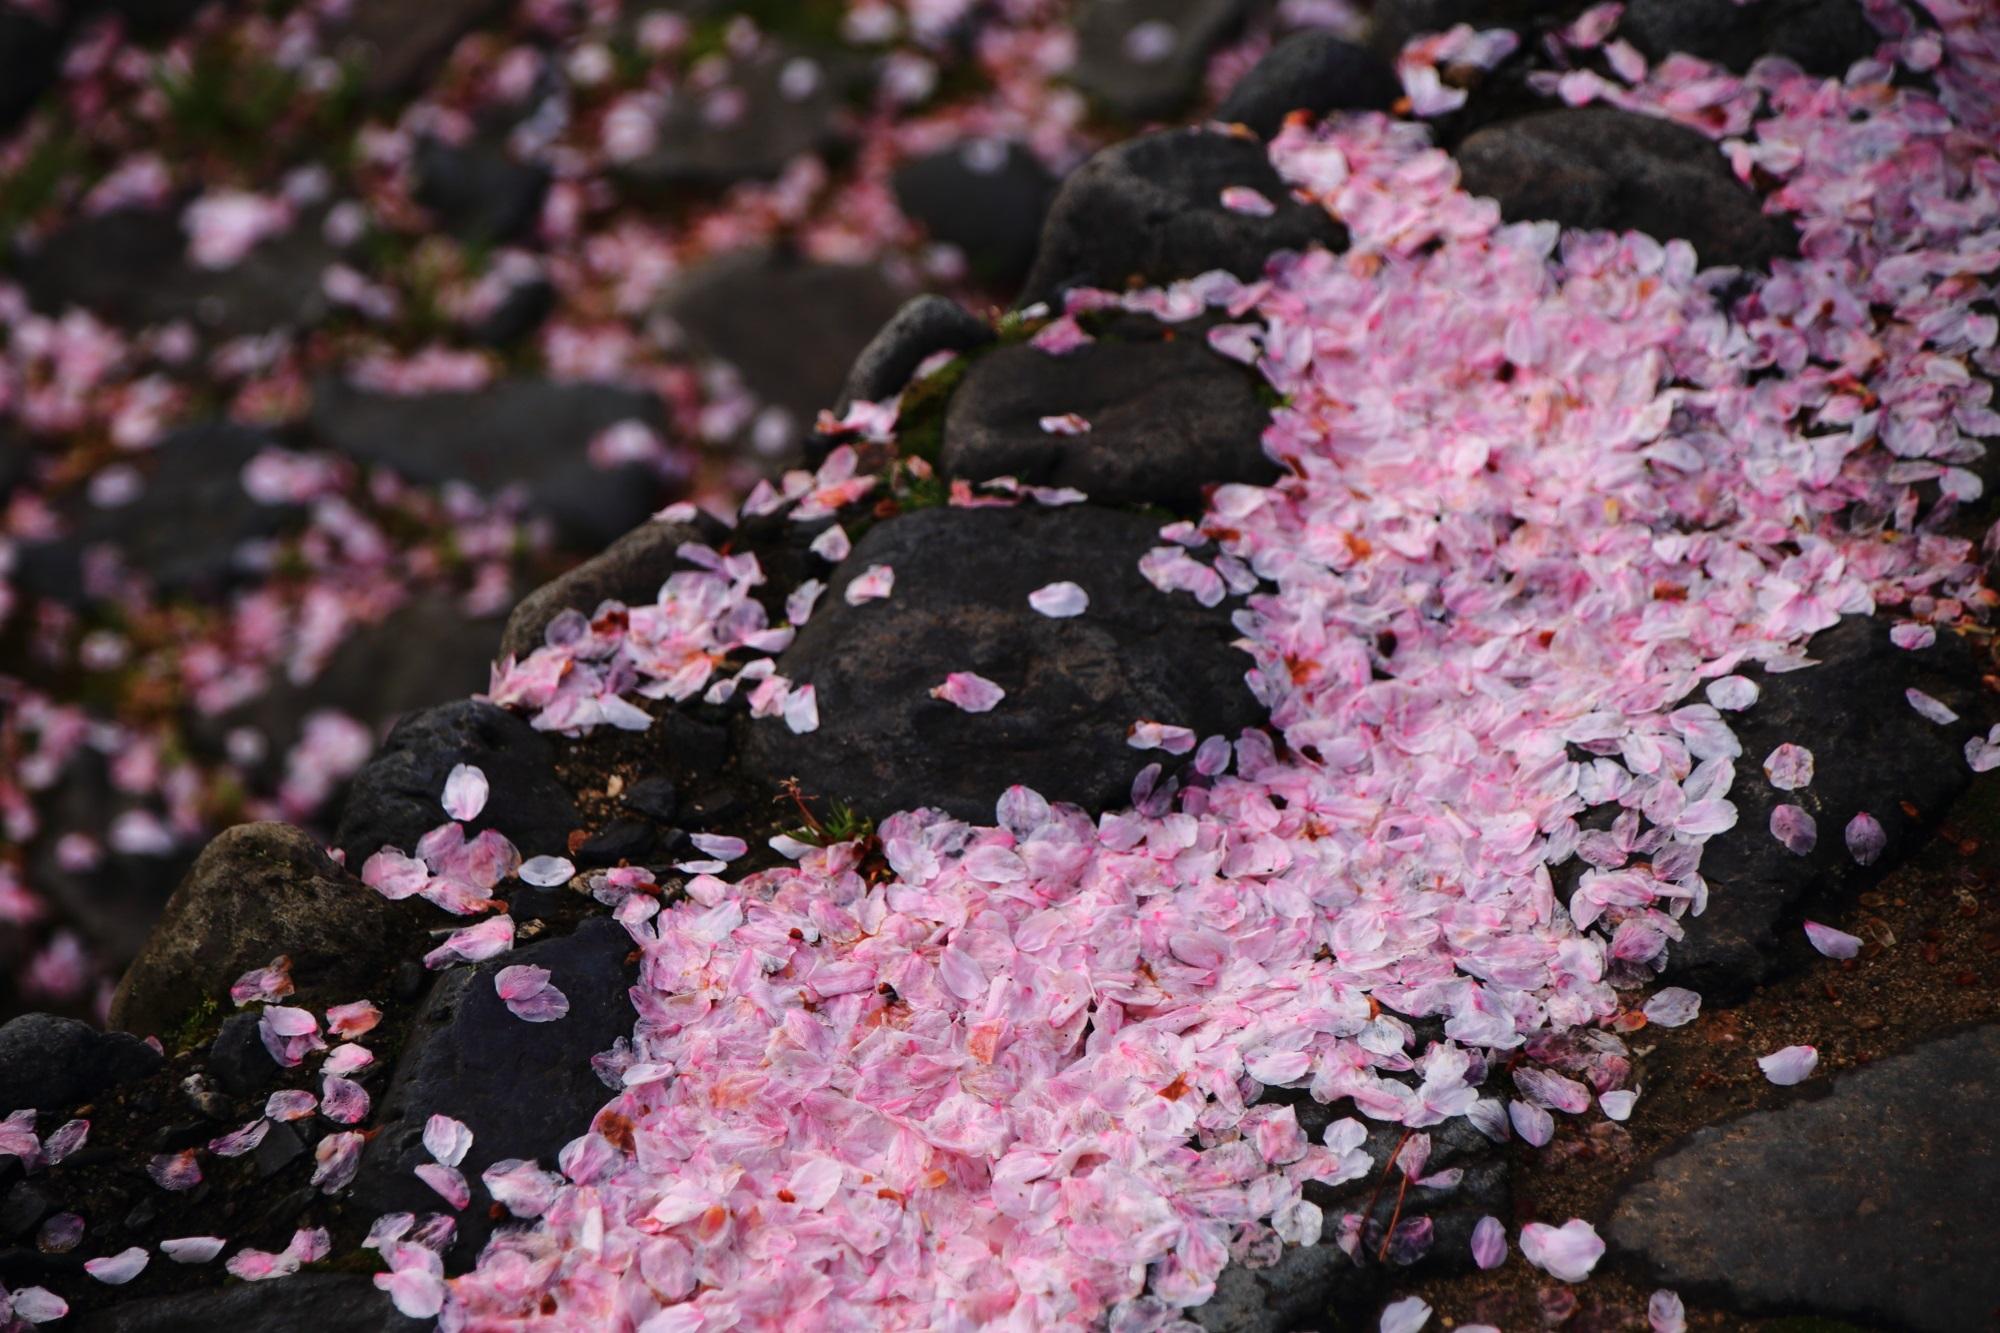 美しすぎる散ったピンクの花びら